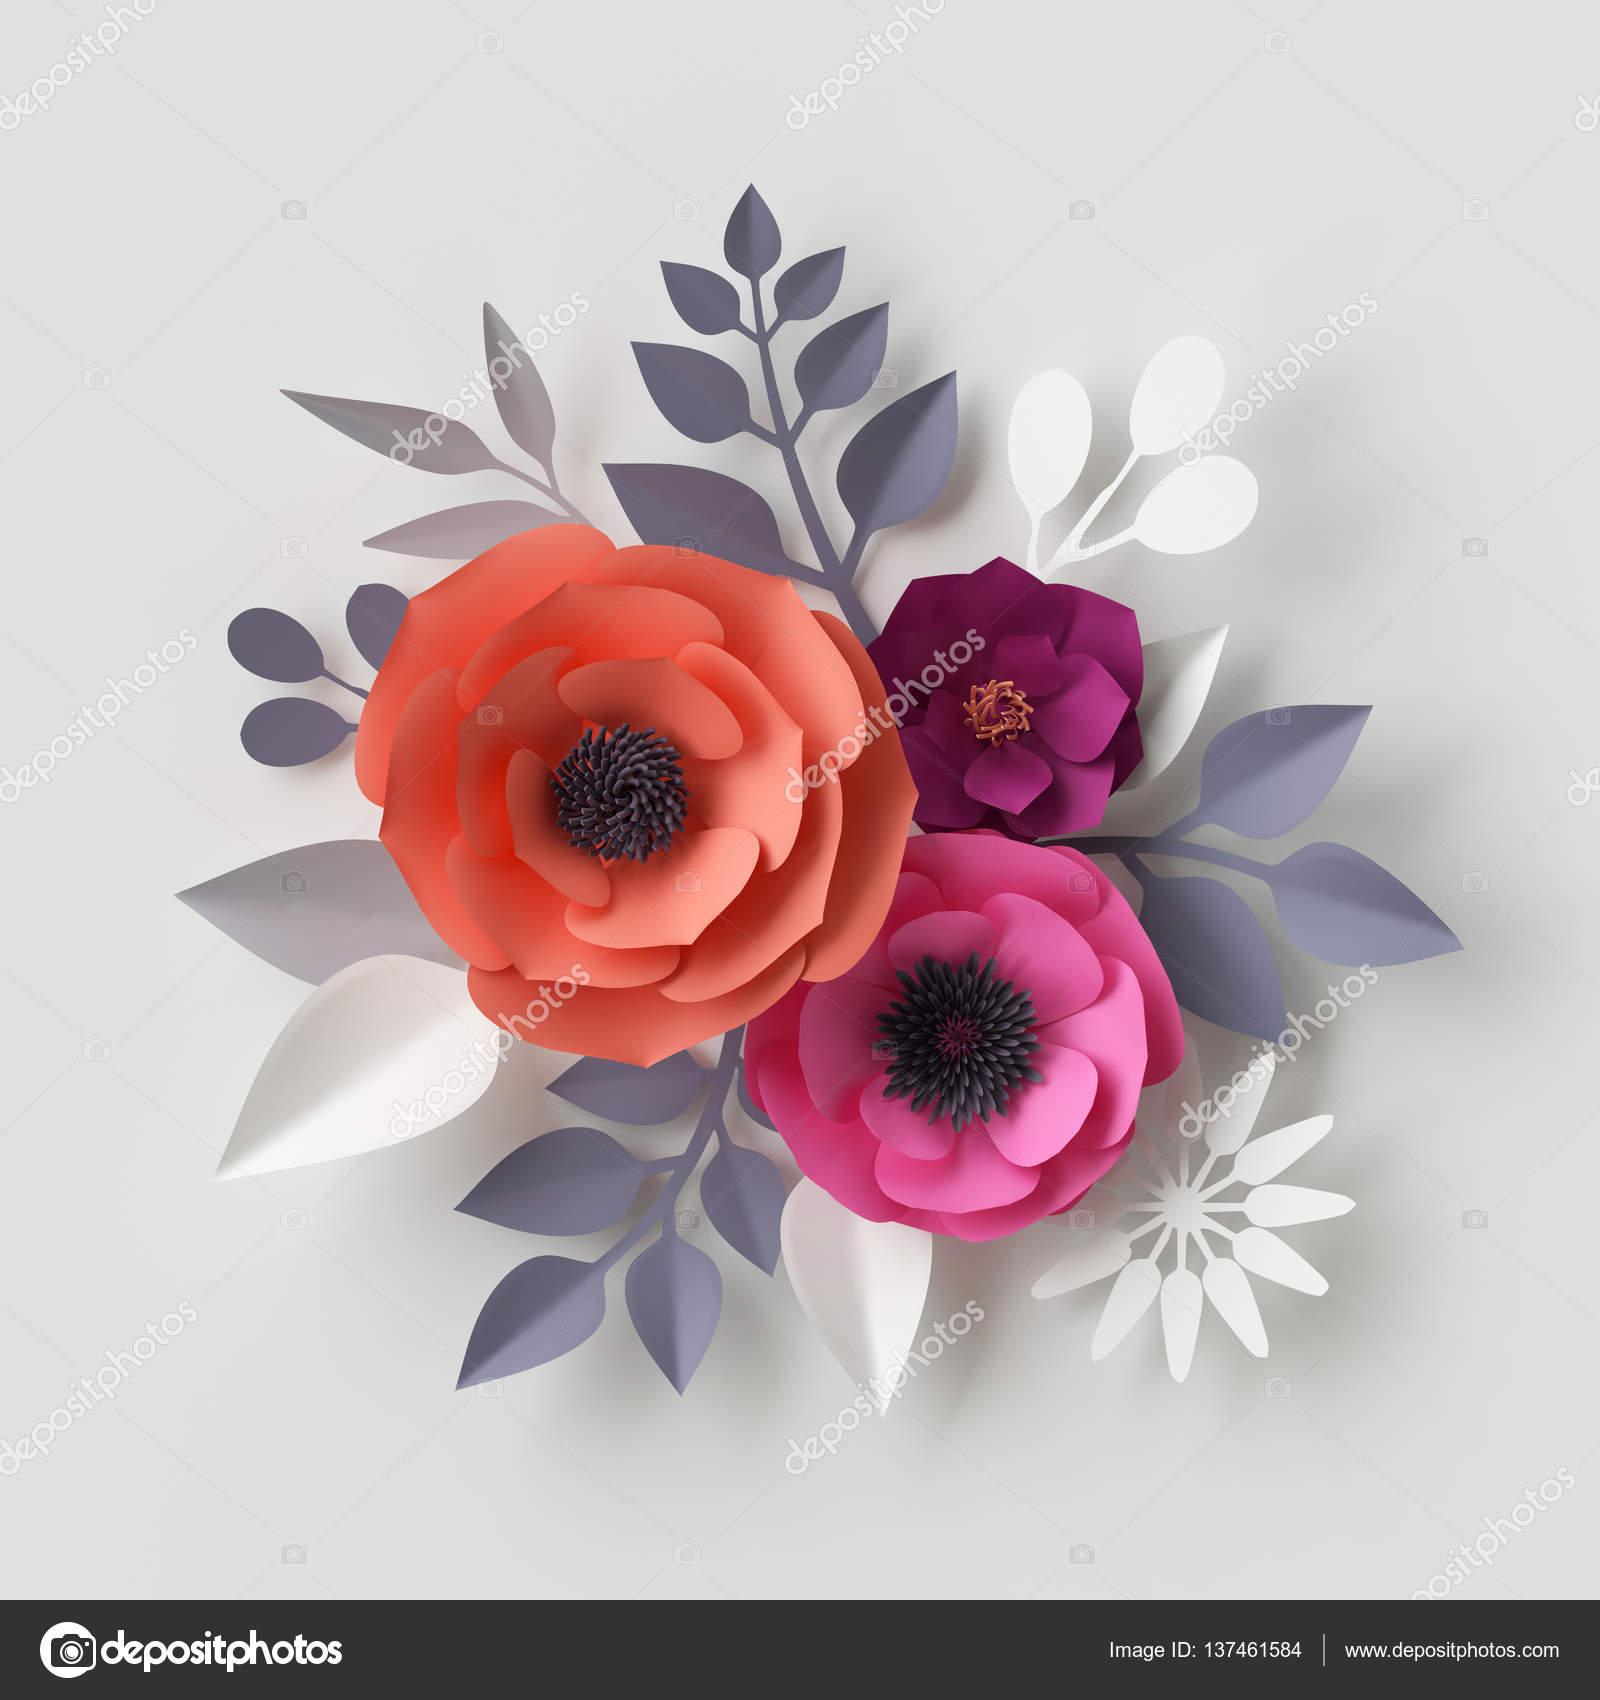 3d render digital illustration red pink paper flowers floral